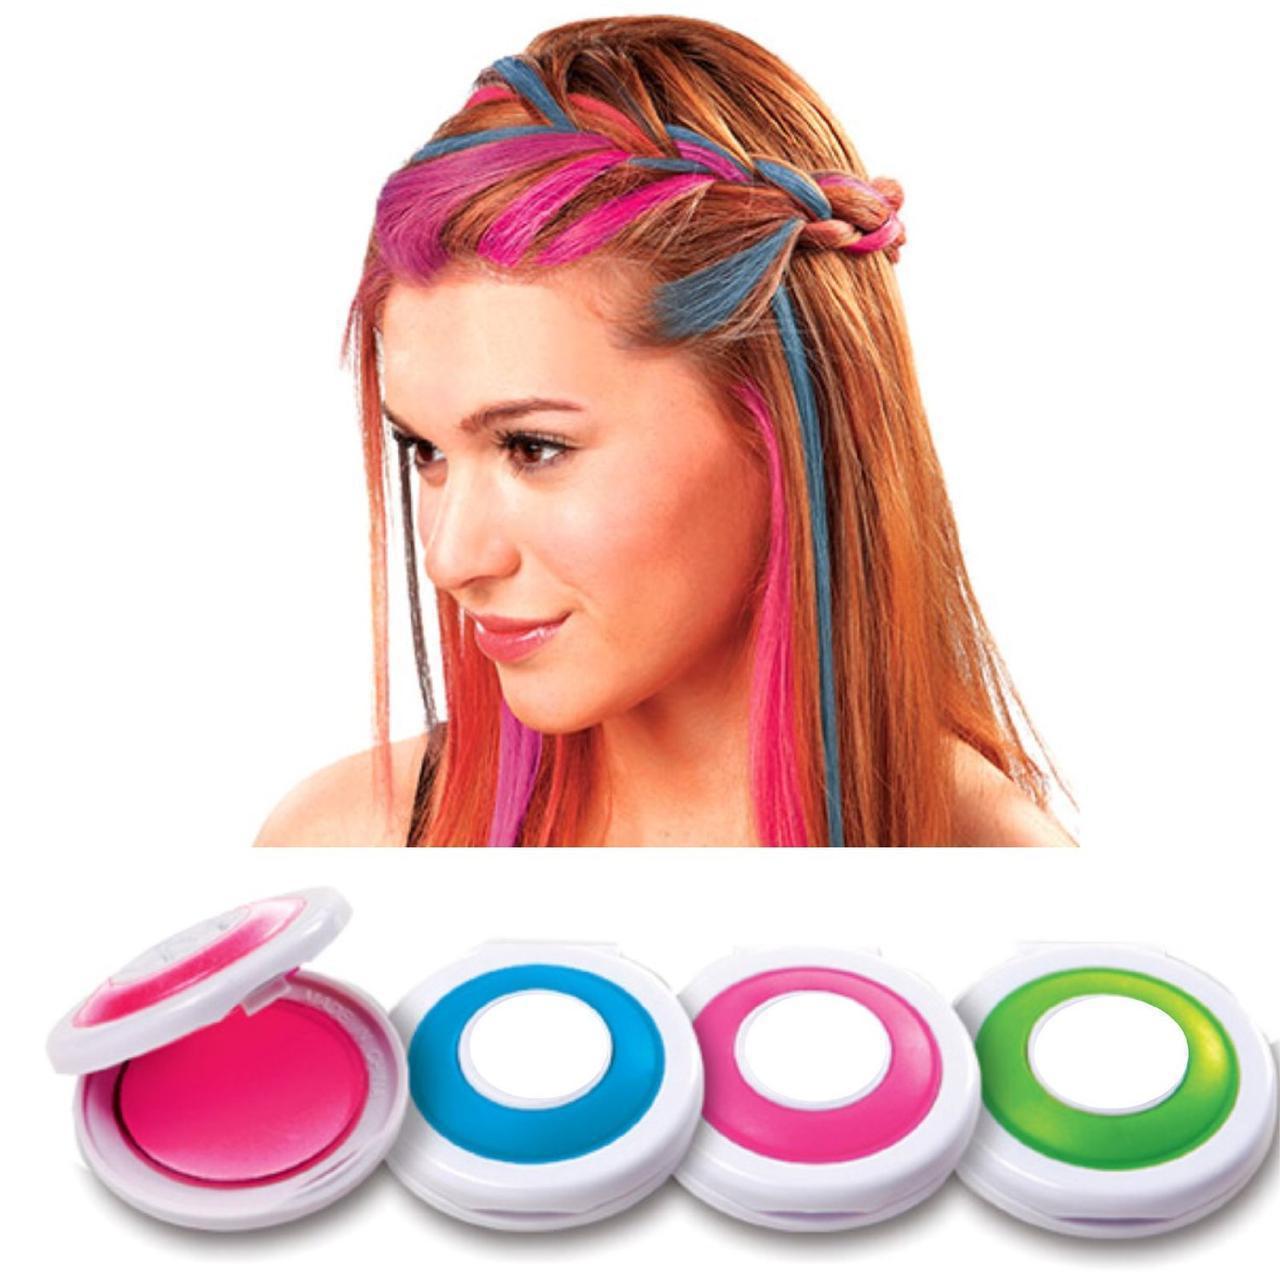 Крейда для волосся Hot Huez 4 кольори, кольорову крейду для фарбування волосся, кольорова пудра | мелки для